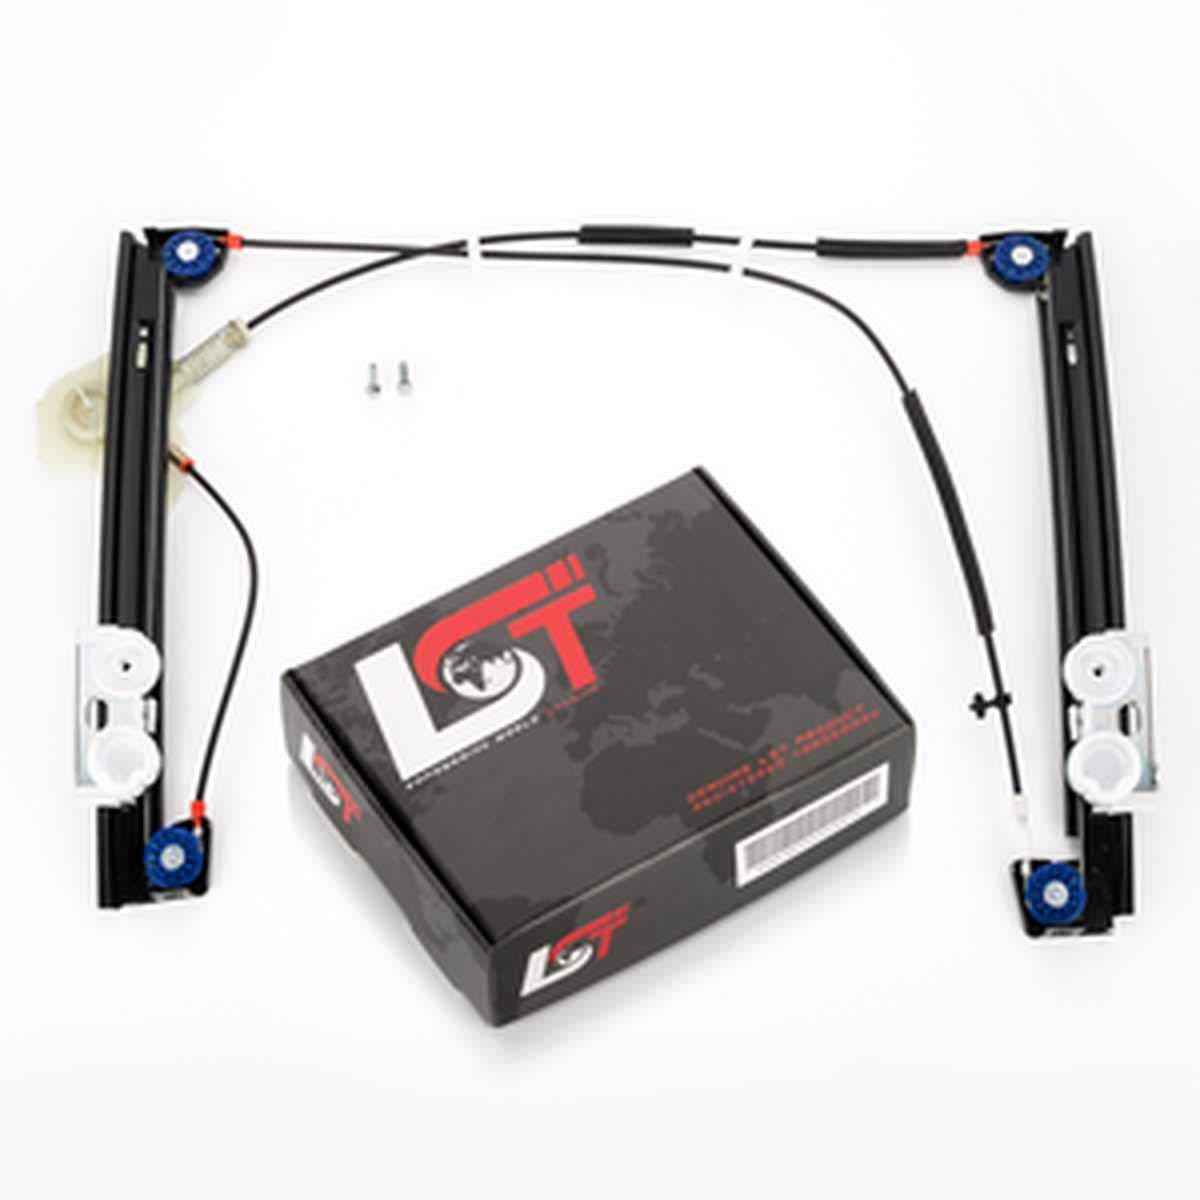 R53 *NEU* Elektrischer Fensterheber Komplett Vorne Links f/ür MINI COOPER R50